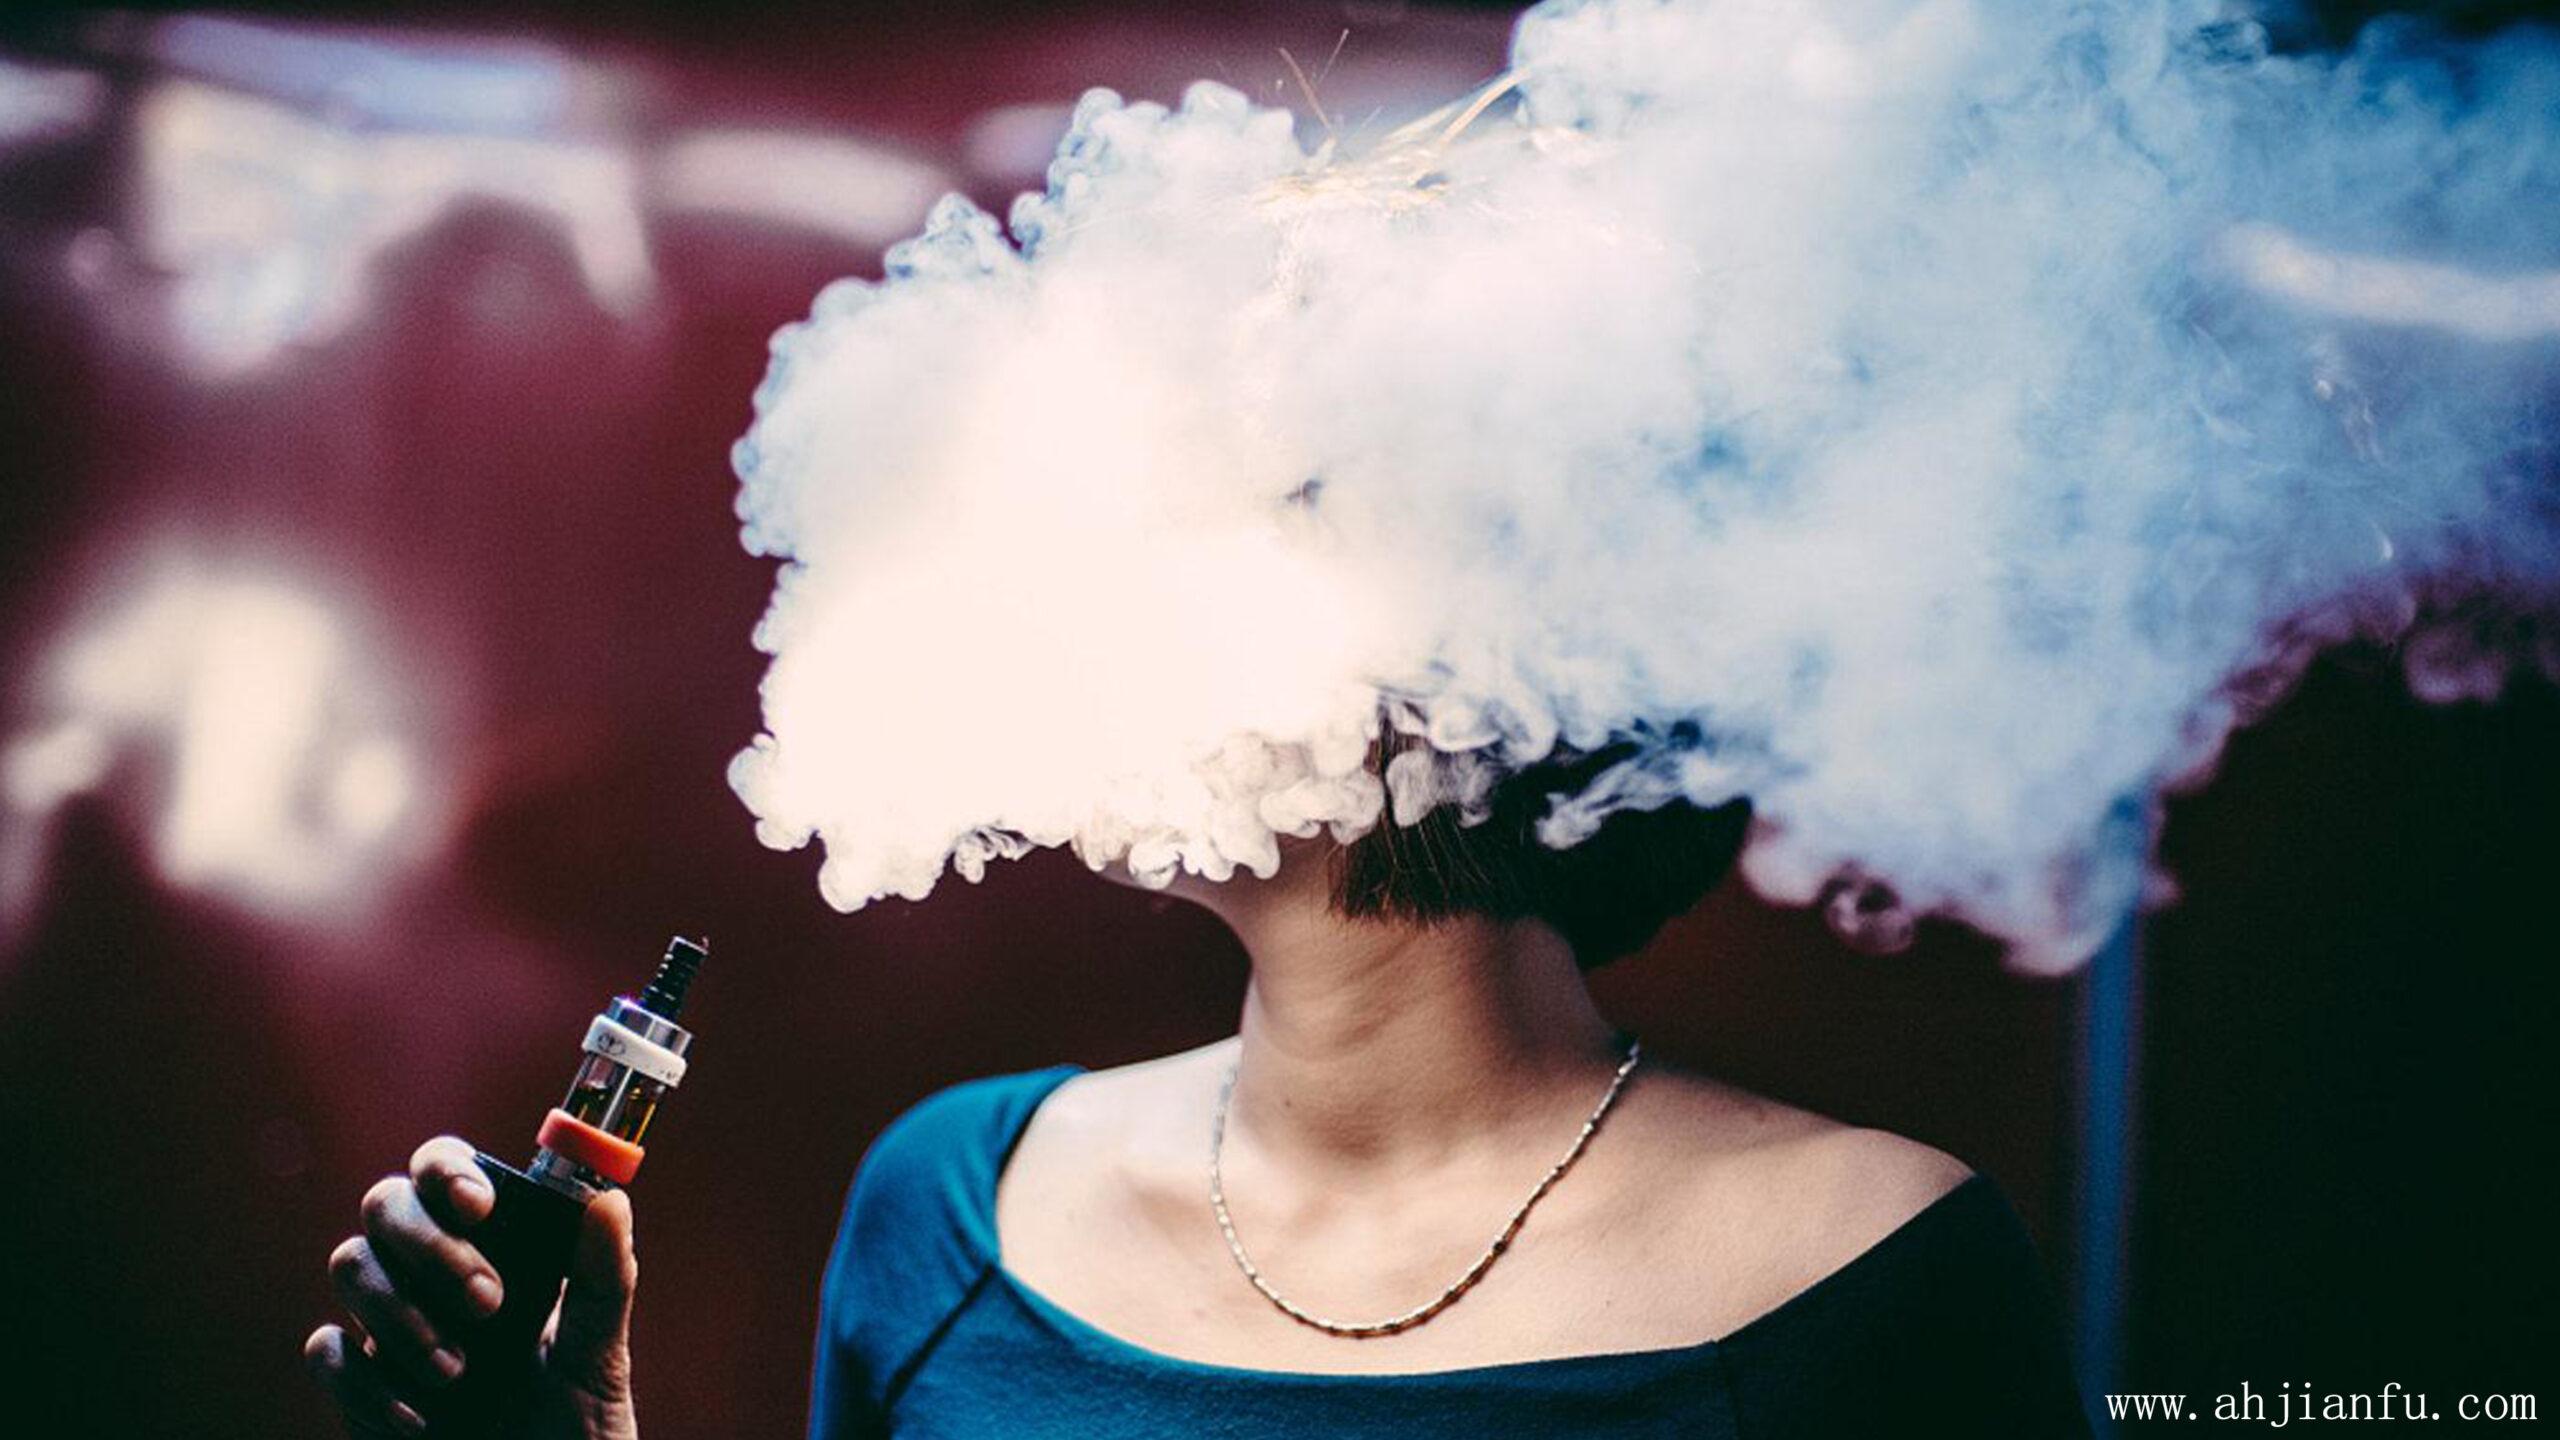 电子烟相比传统香烟到底哪个更危害身体?